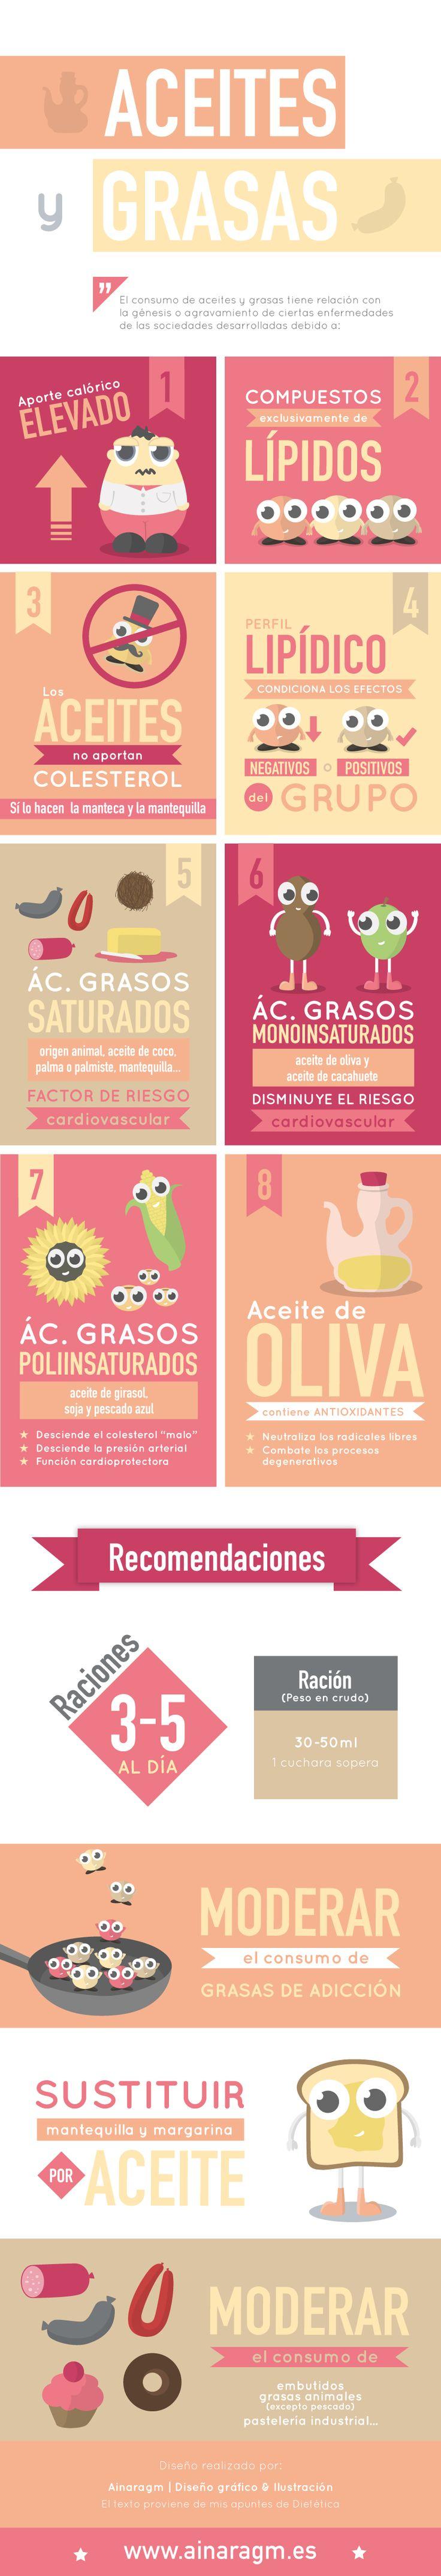 infografía grasas y aceites